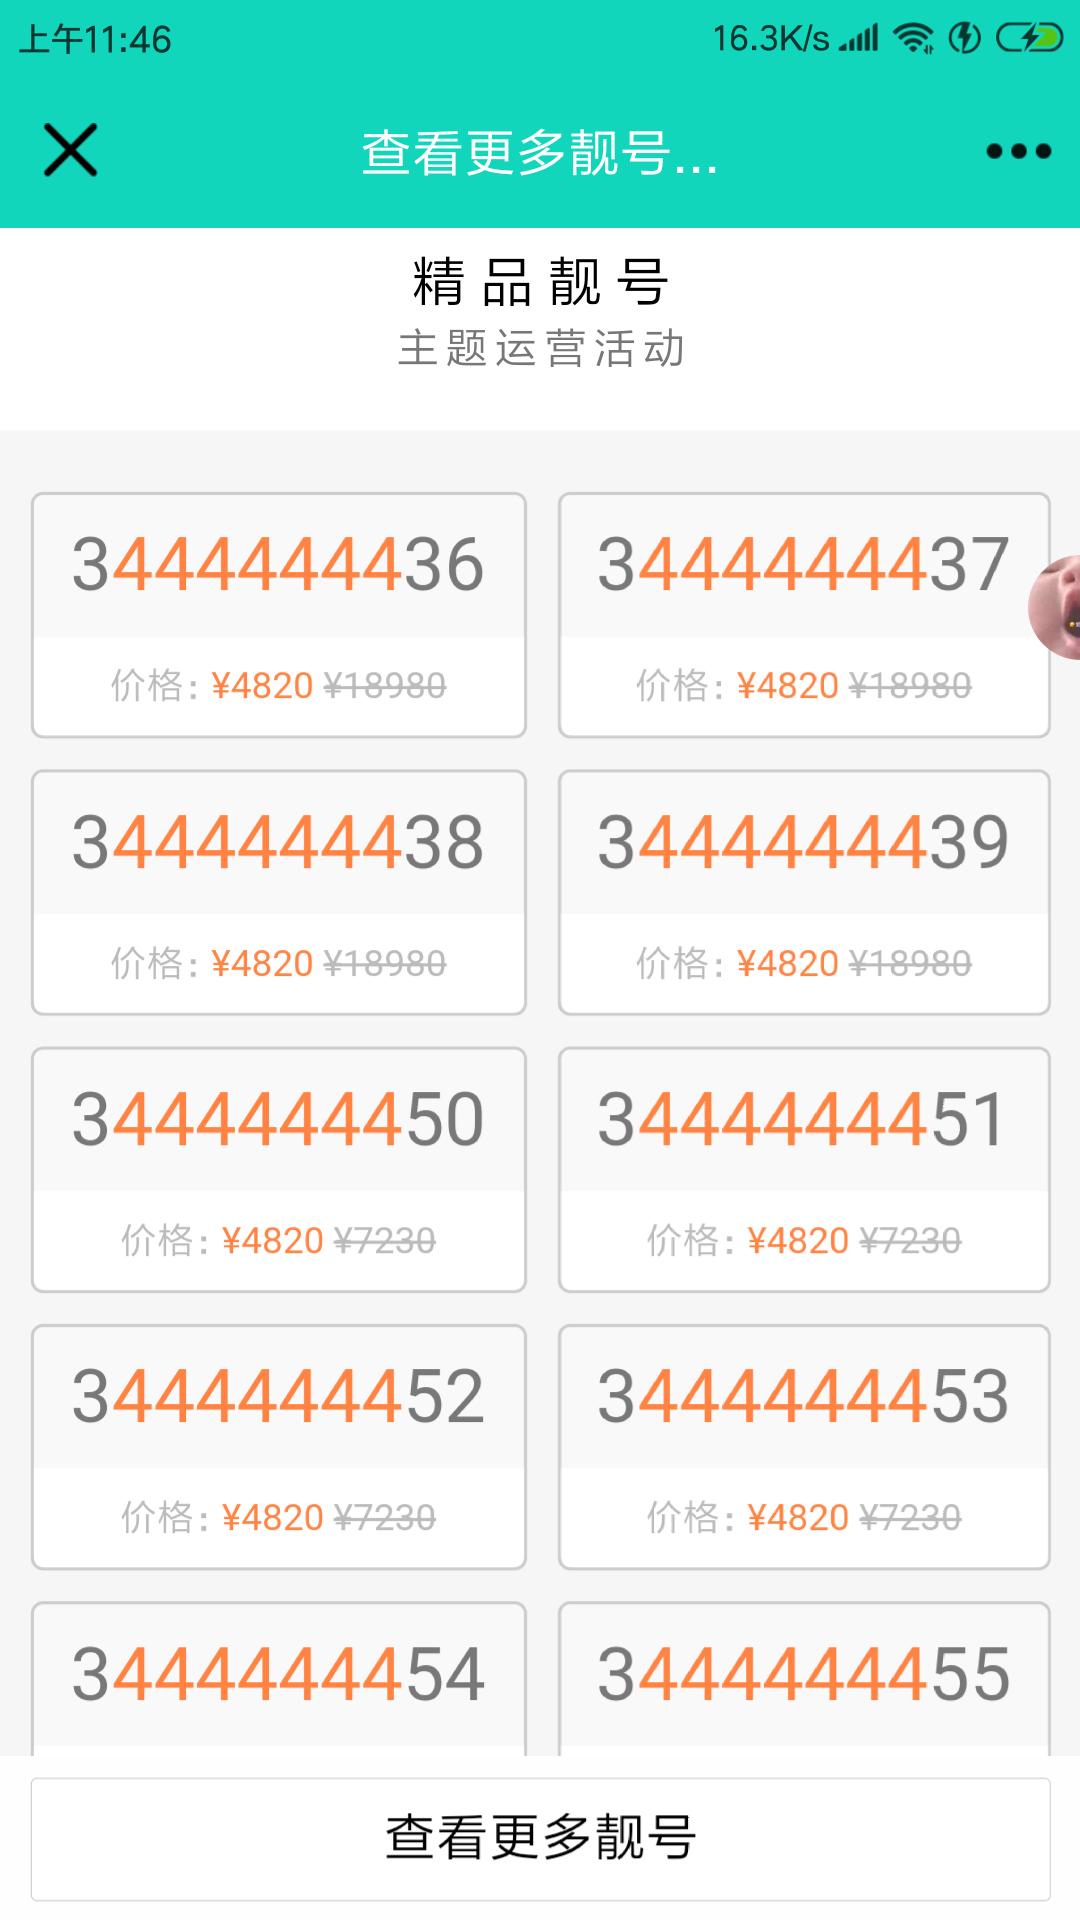 如何注册隐藏QQ顶级靓号7A极品10位号